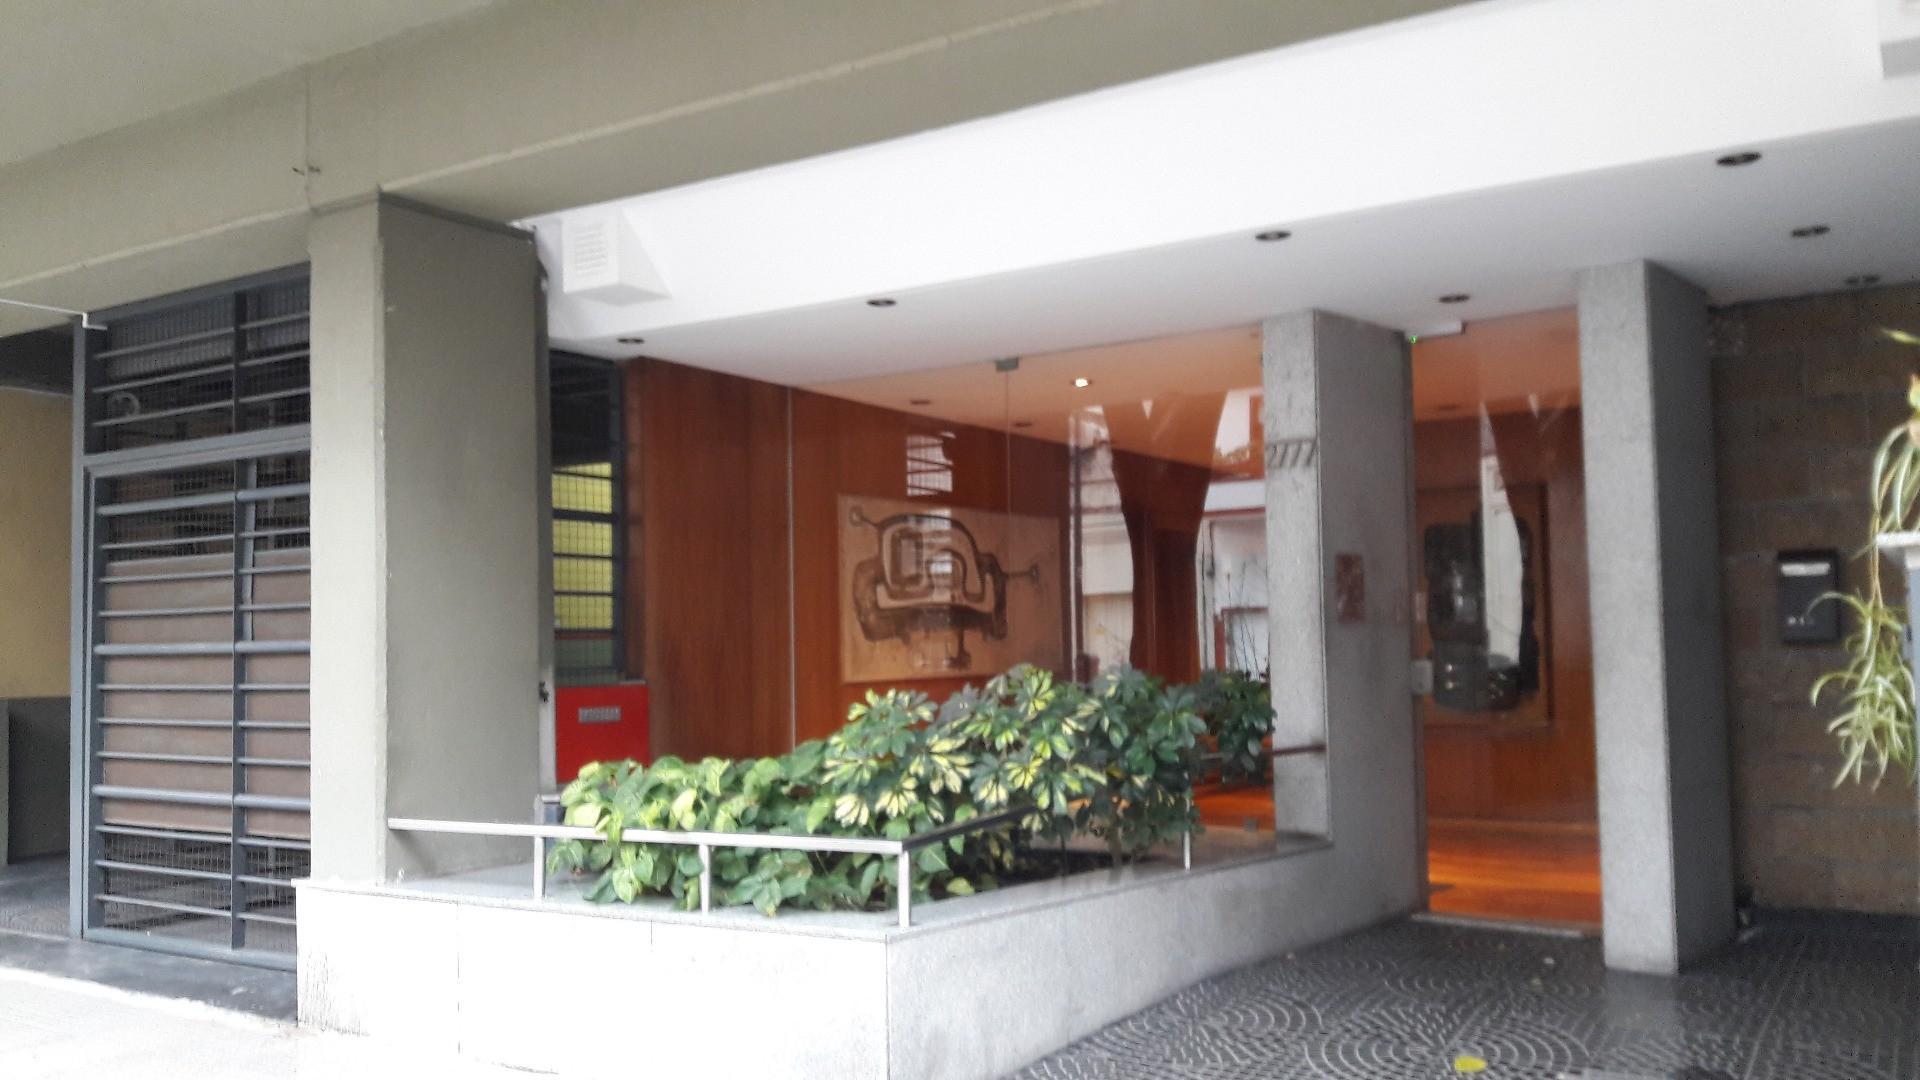 Venta 2 ambientes Sup. Total 54.98 m al contrafrente c/balcon corrido muy luminoso - excelente